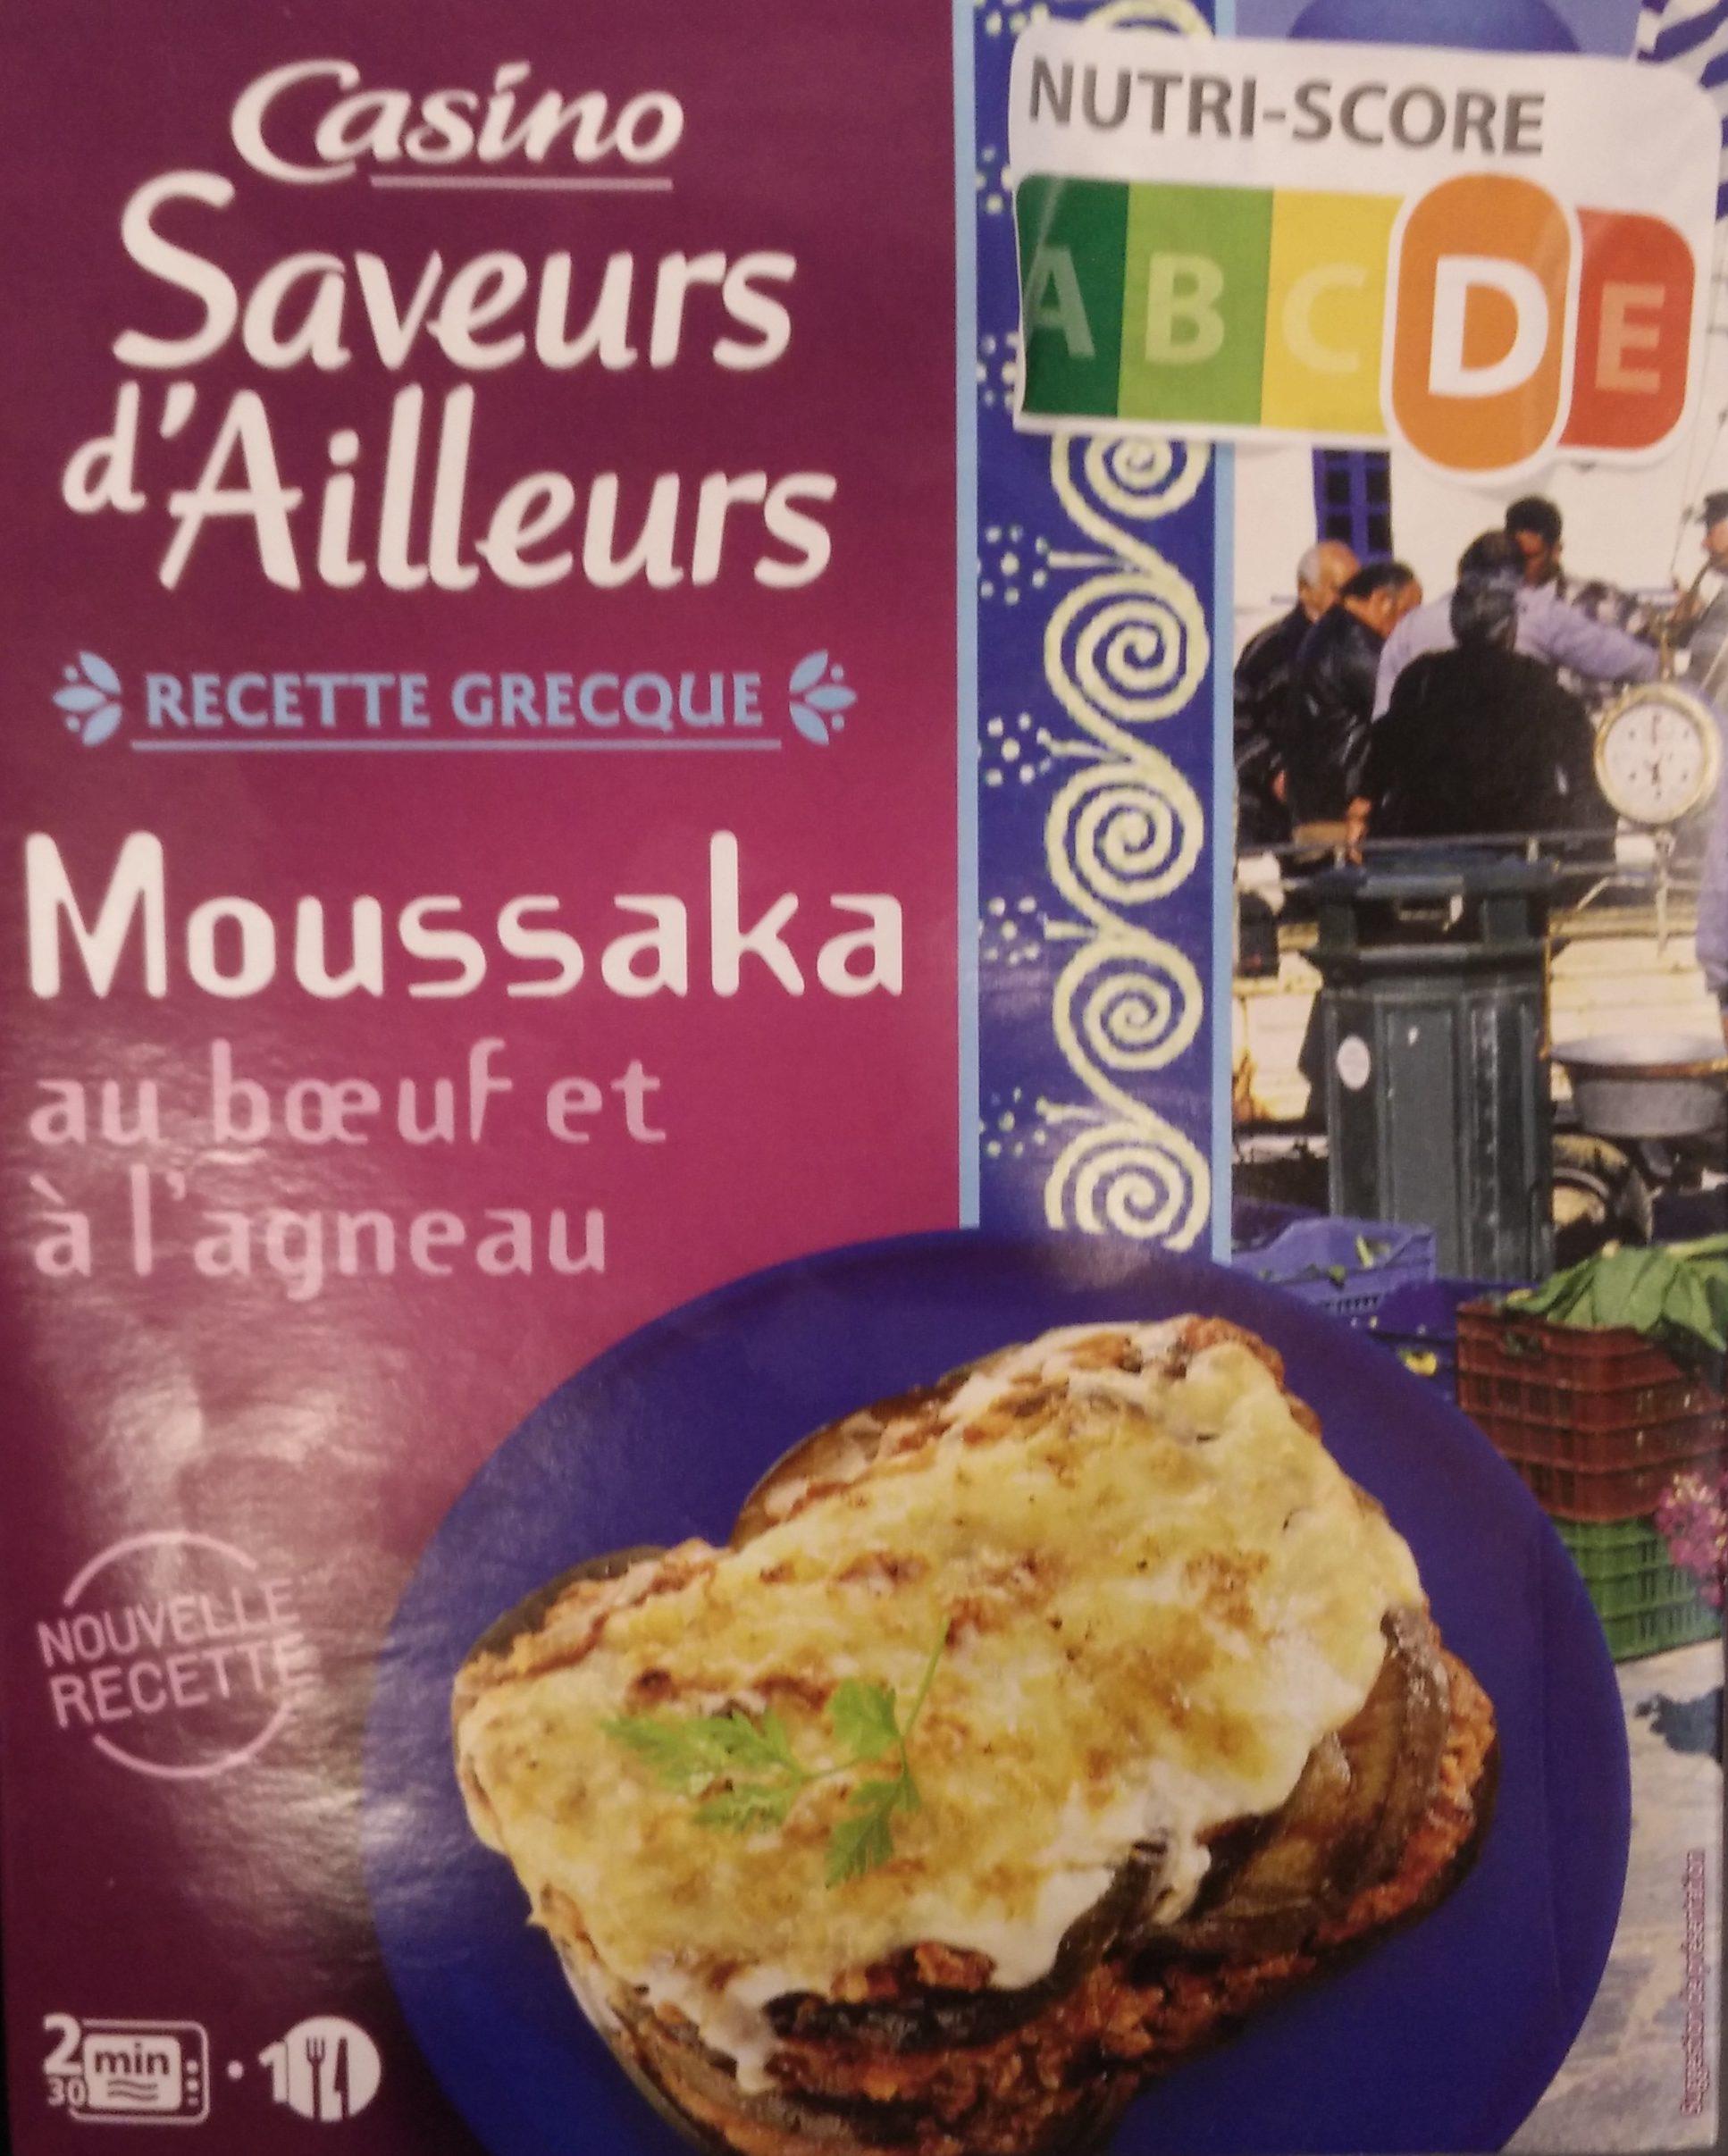 Moussaka au bœuf et à l'agneau - Produit - fr